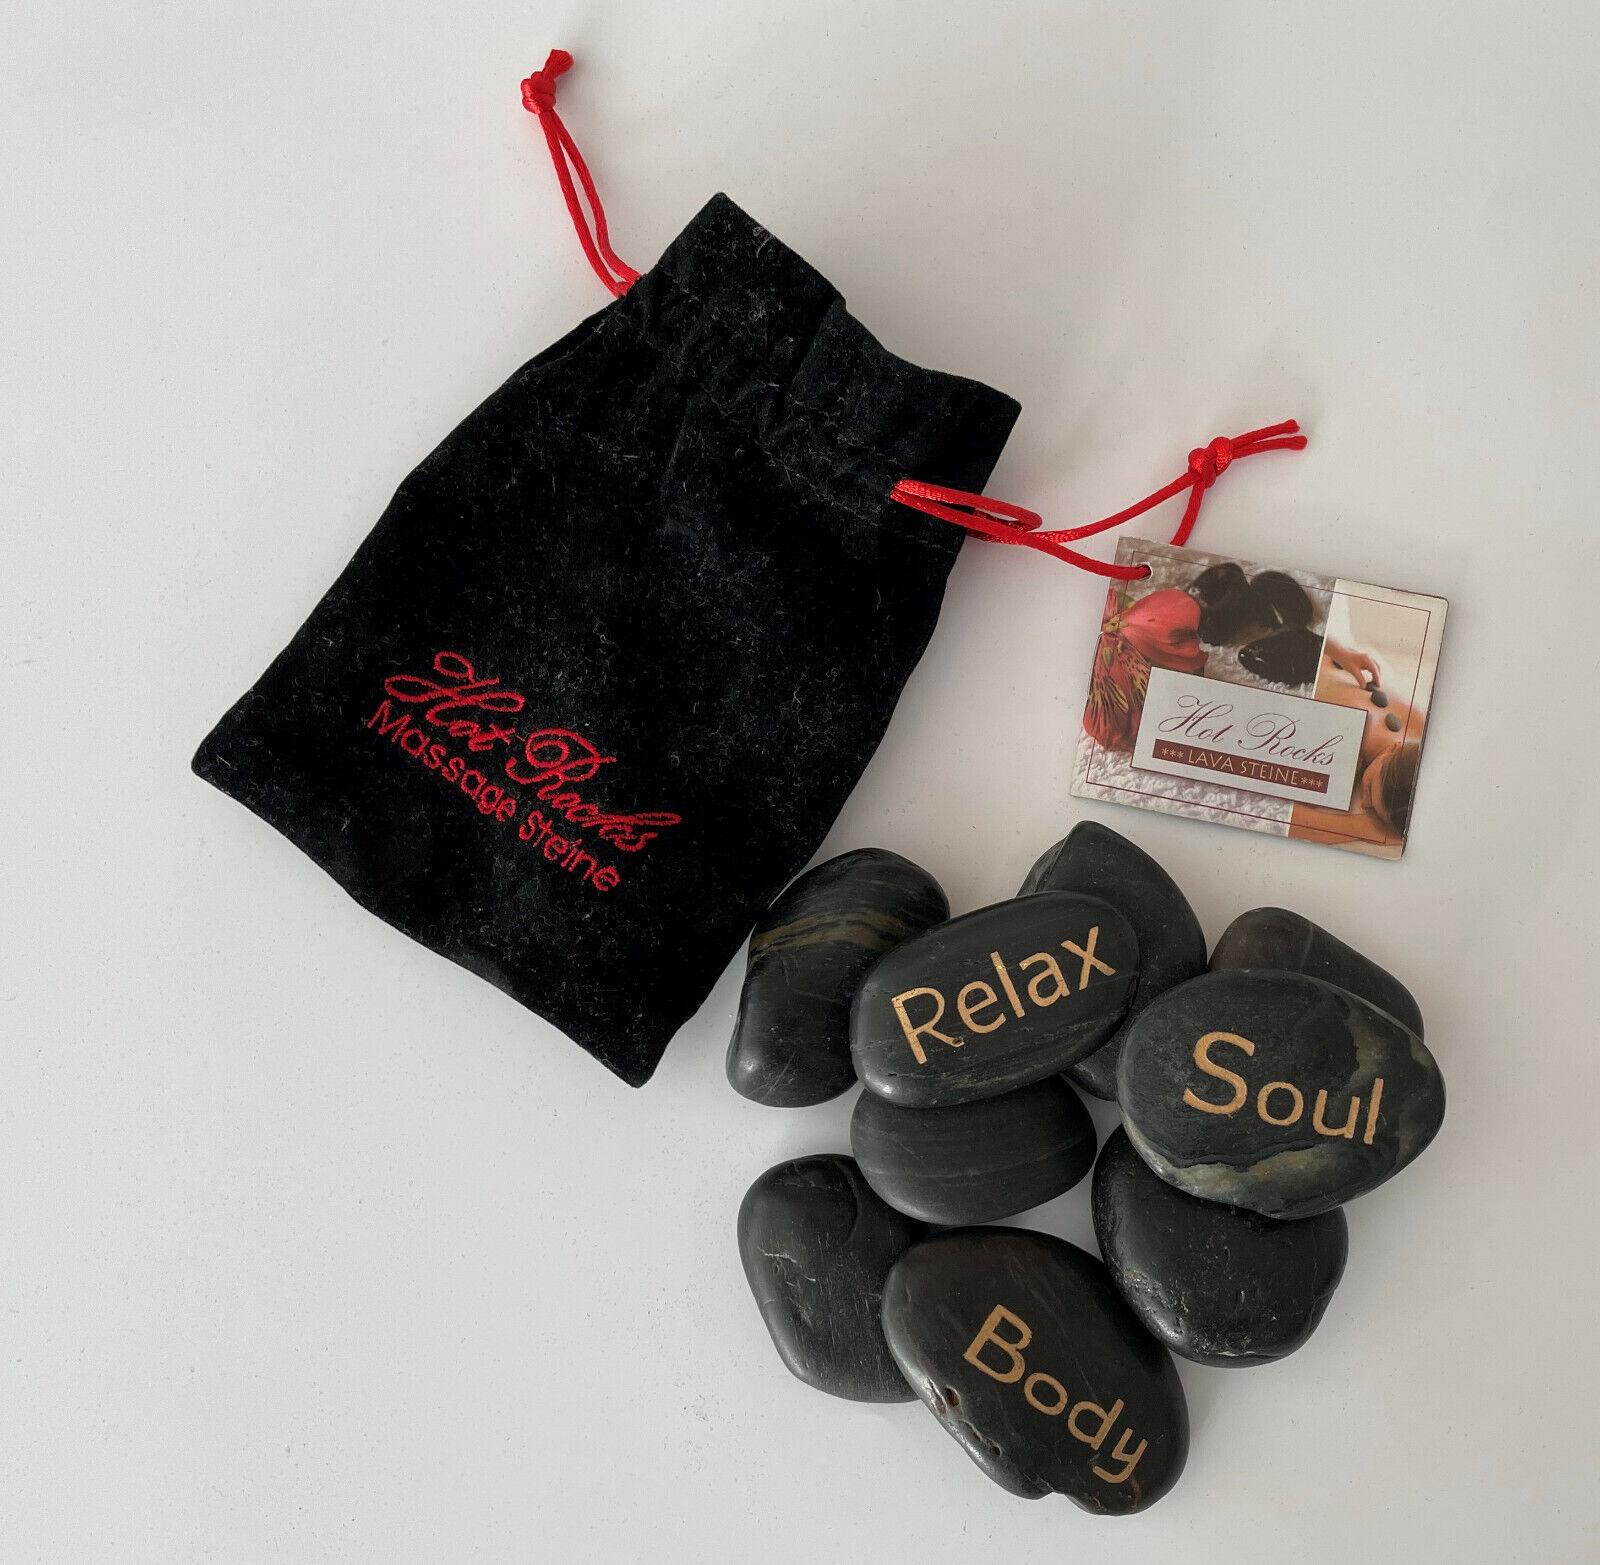 Hot Rocks Massage Steine Lavasteine im Säckchen Wellness NANU-NANA mit Anleitung